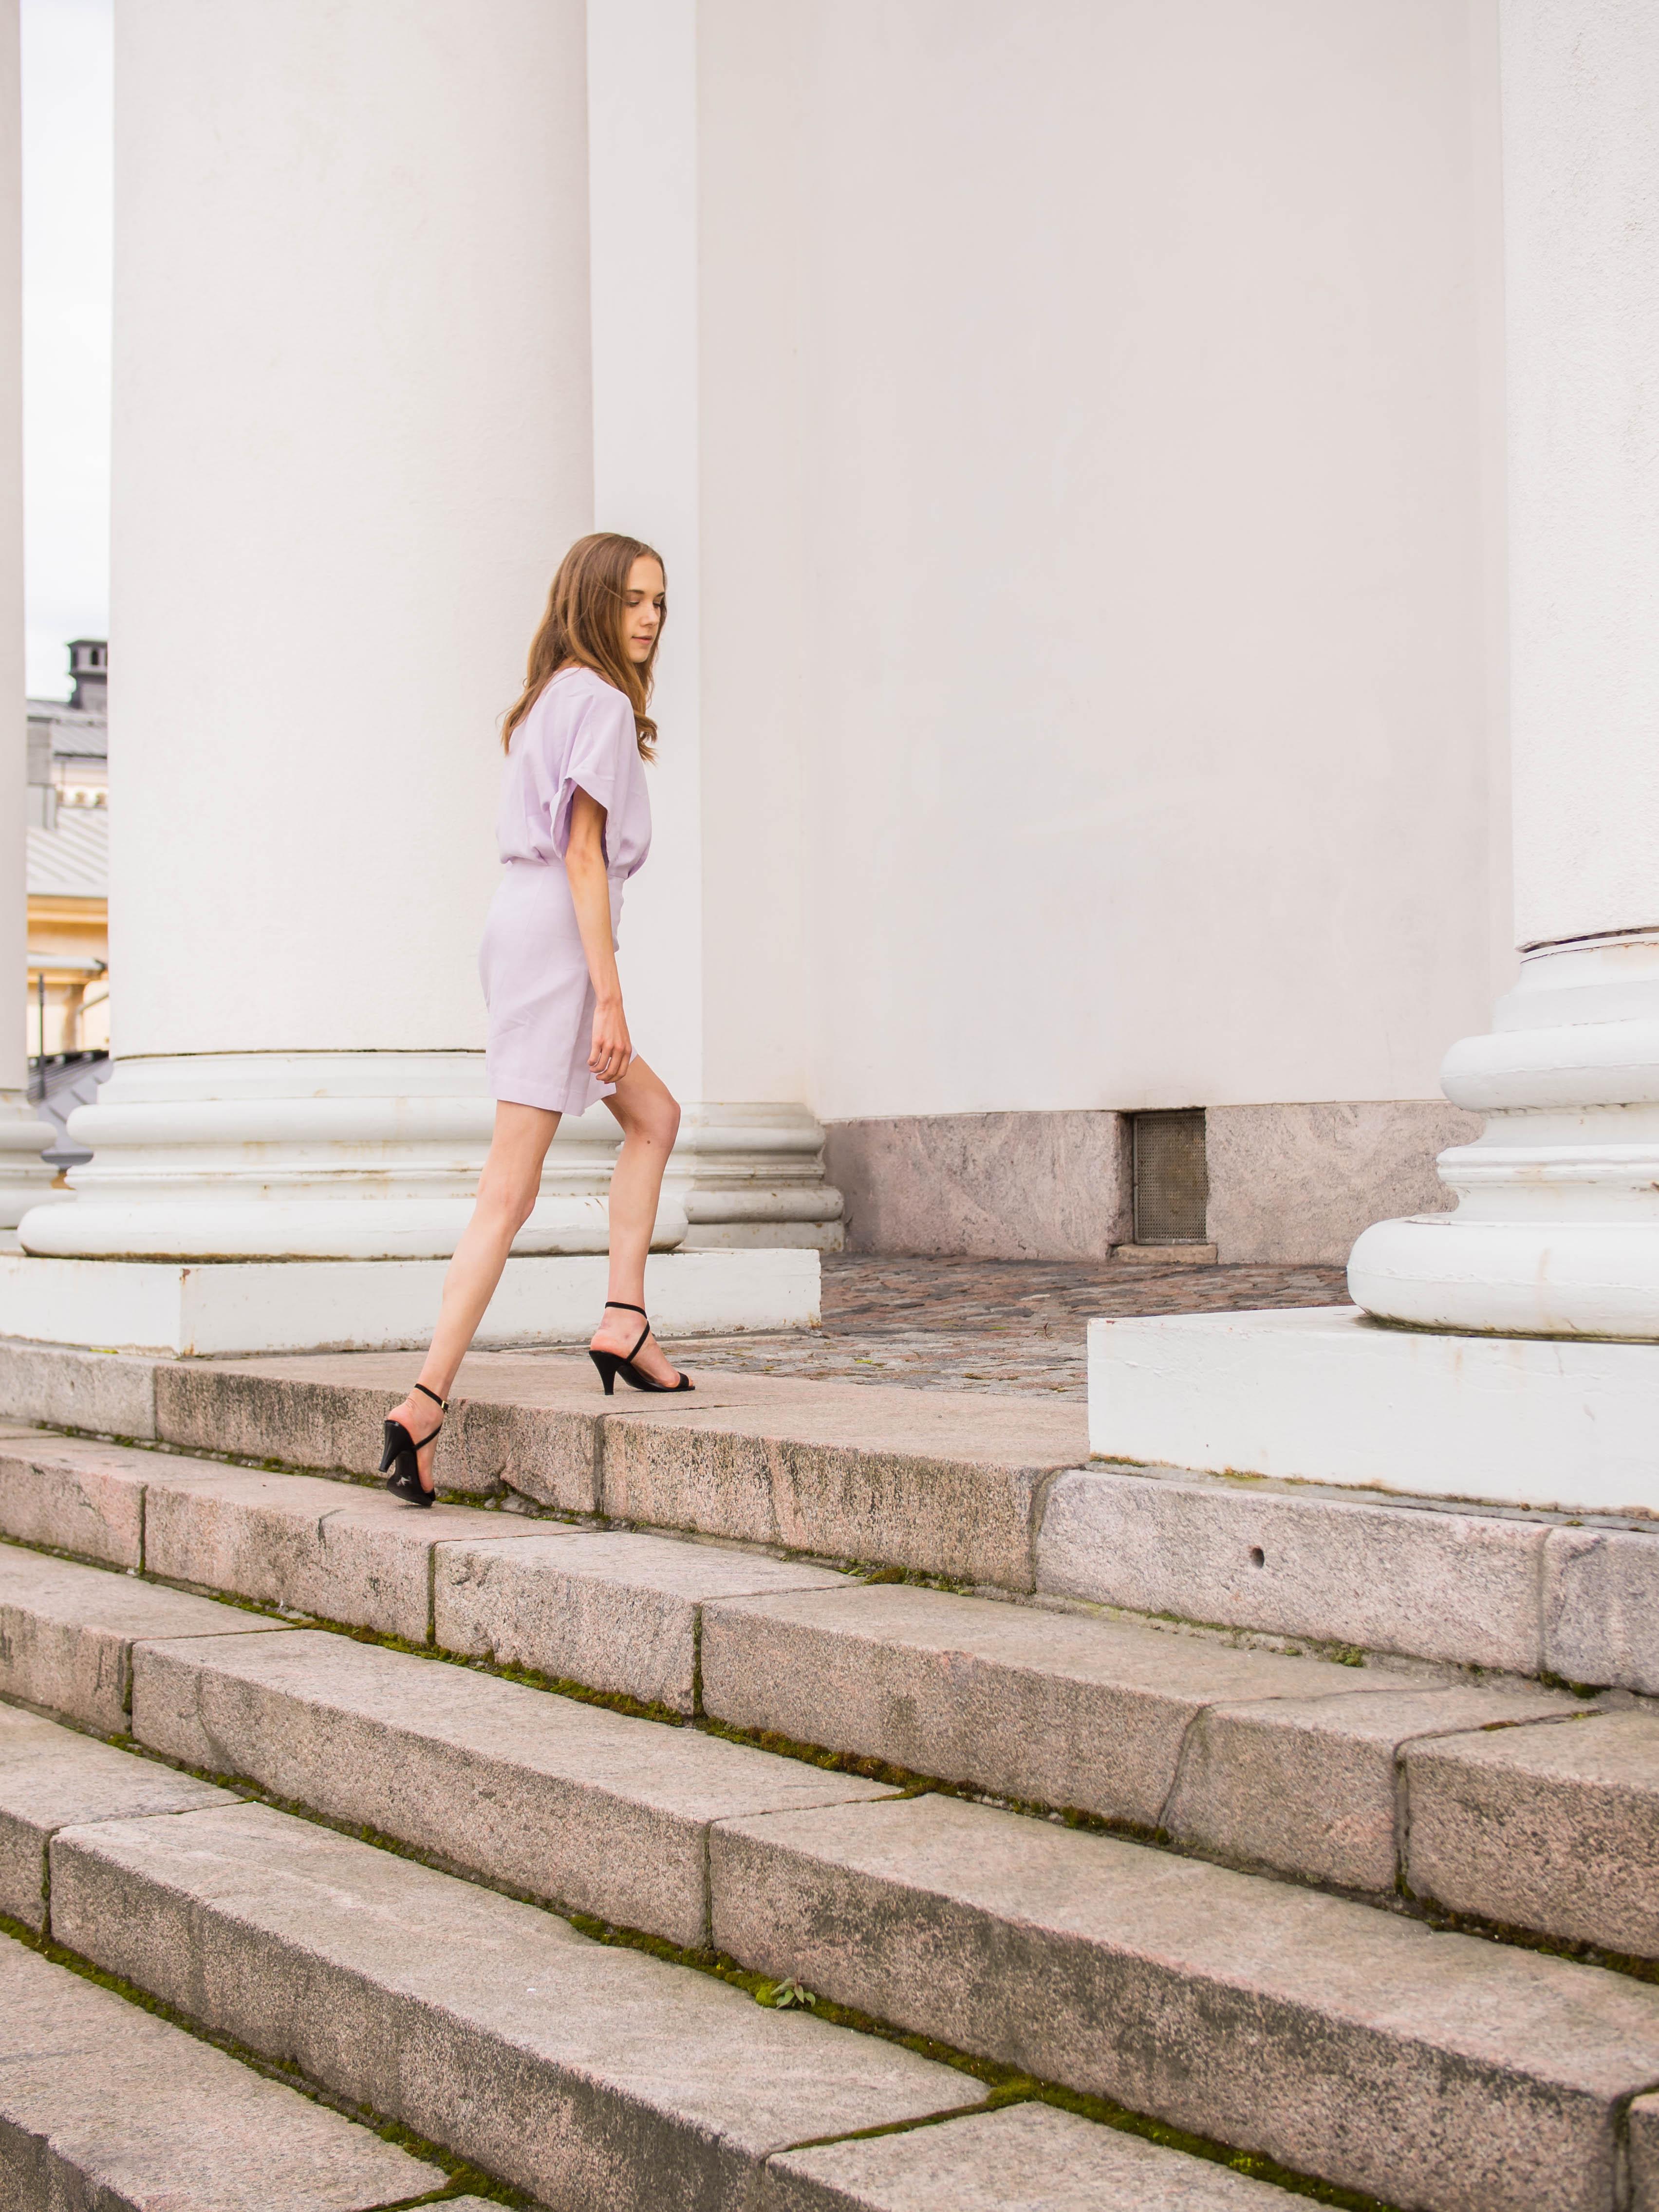 Fashion graduate in lilac mini wrap dress - Muotiopinnot, valmistujaiset, vaaleanvioletti kietaisumekko